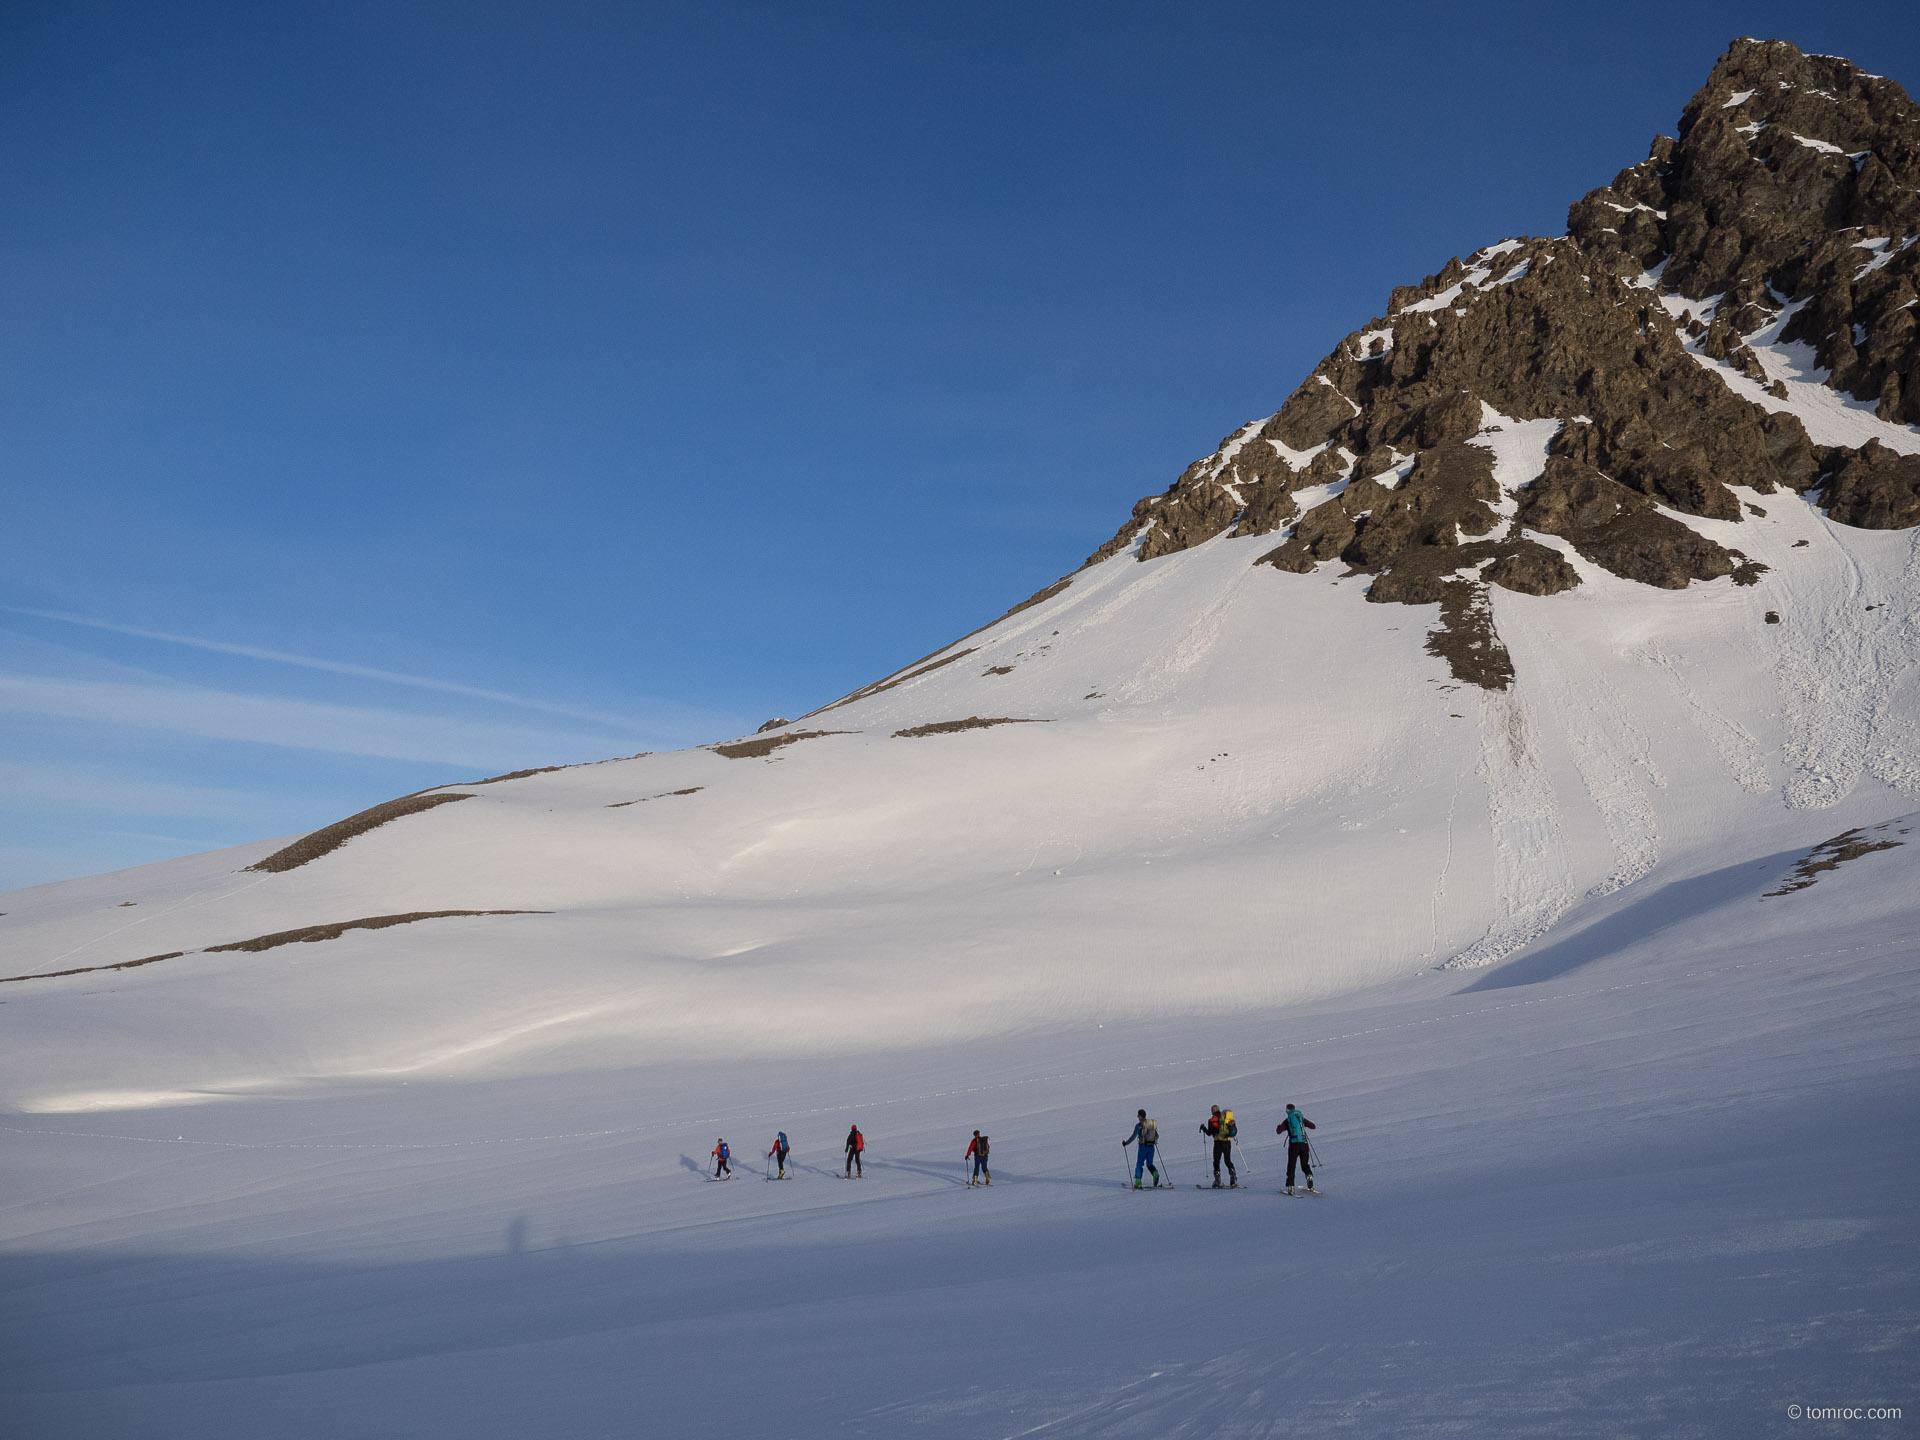 Le Grand Roc Noir en ski de randonnée